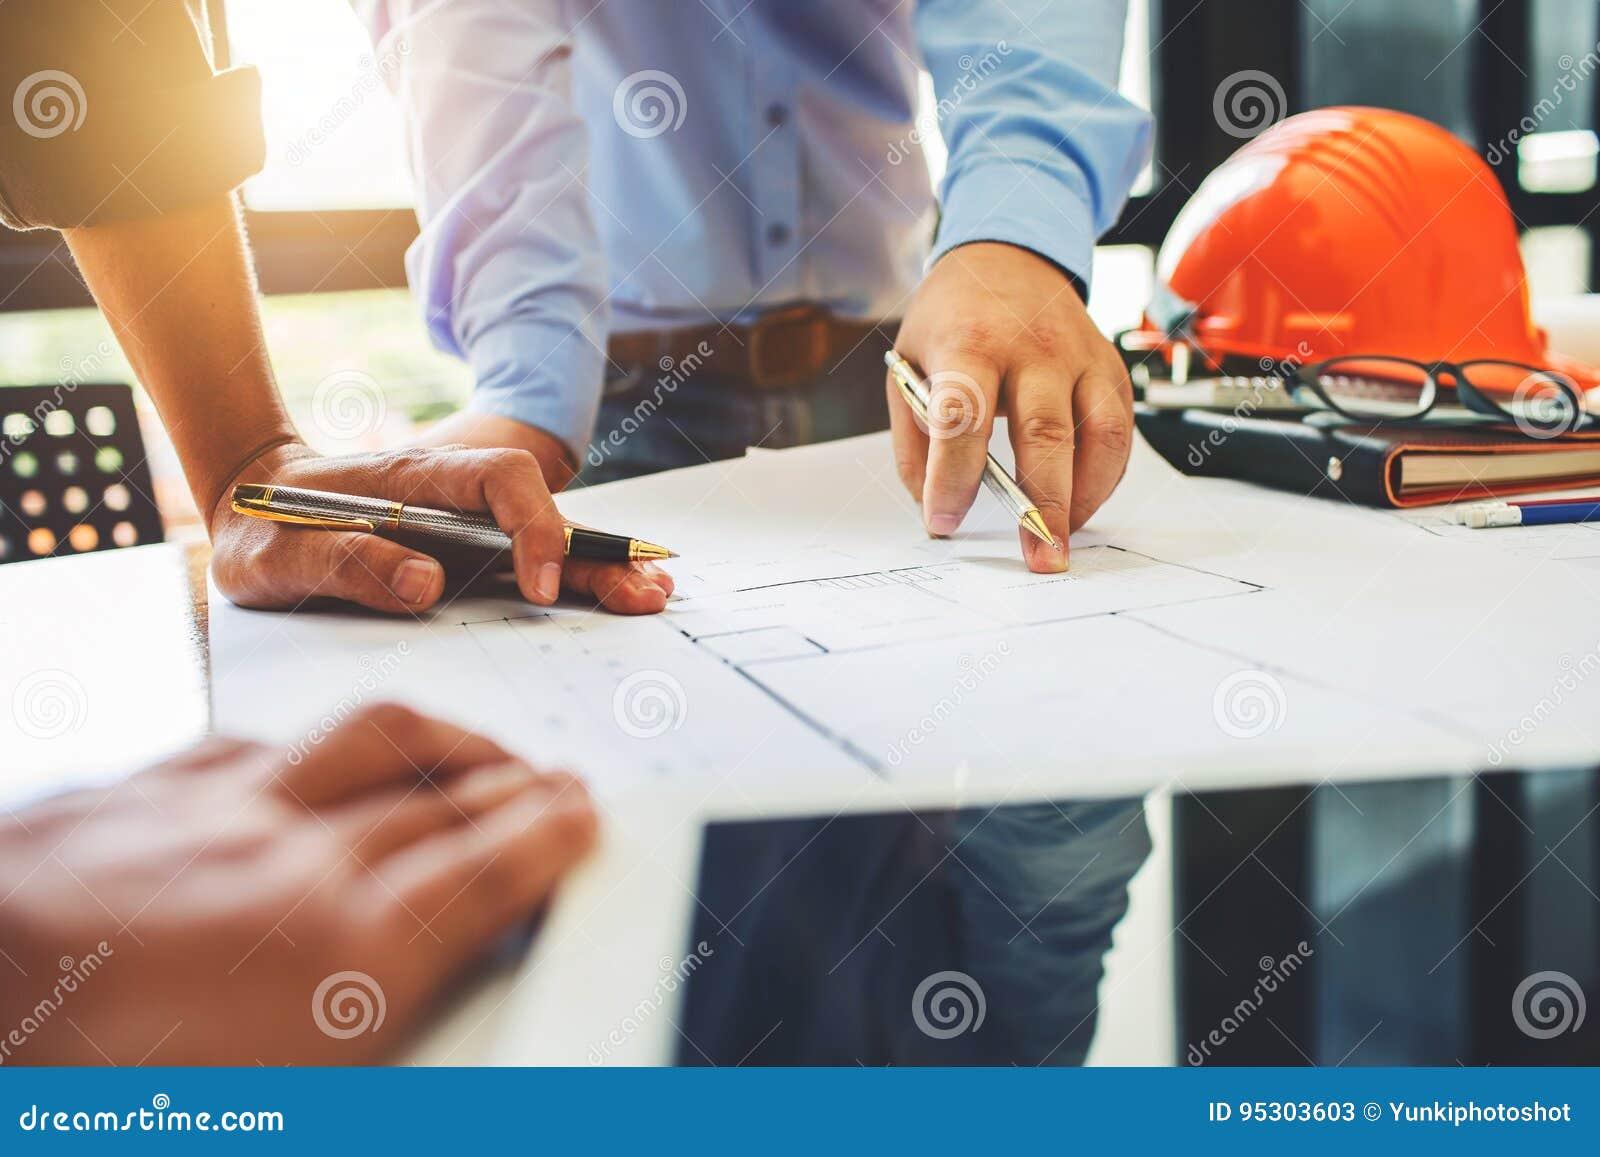 Reunión del trabajo en equipo de la ingeniería de arquitectura en el lugar de trabajo para planear d